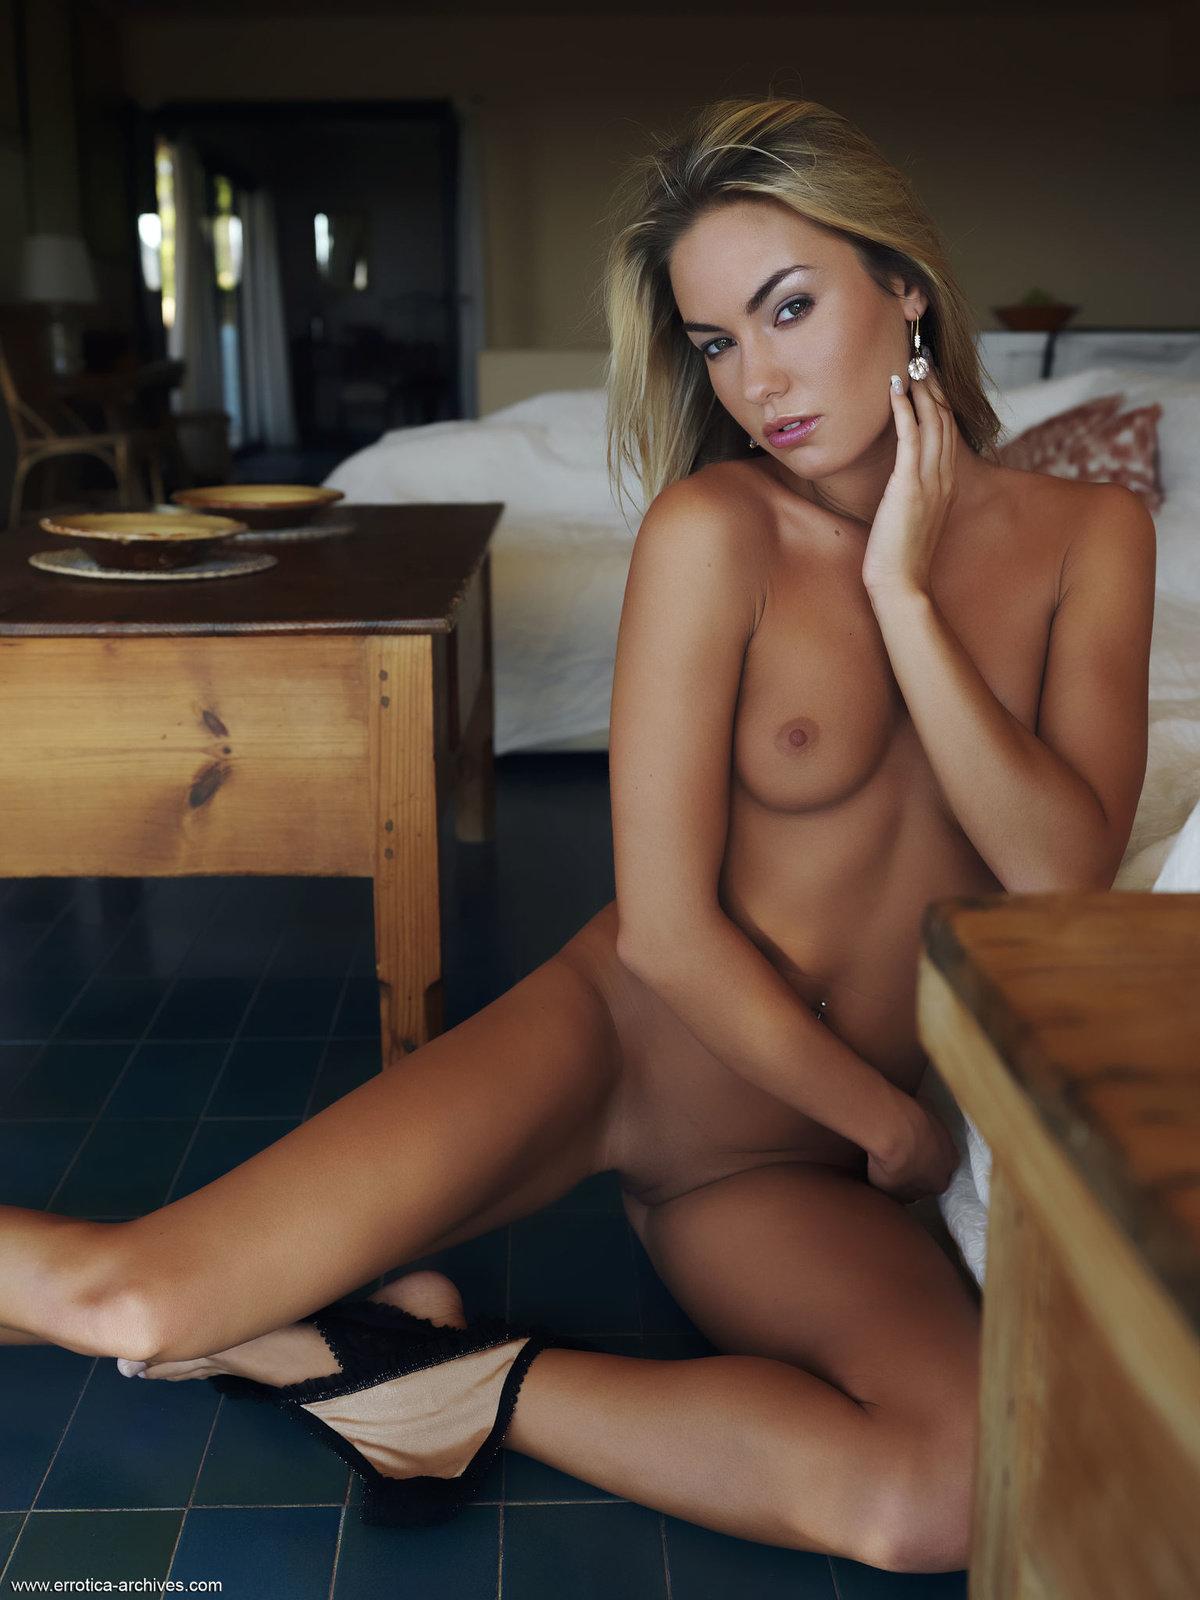 Zdjęcie porno - 0511 - Naga blondi w apartamencie